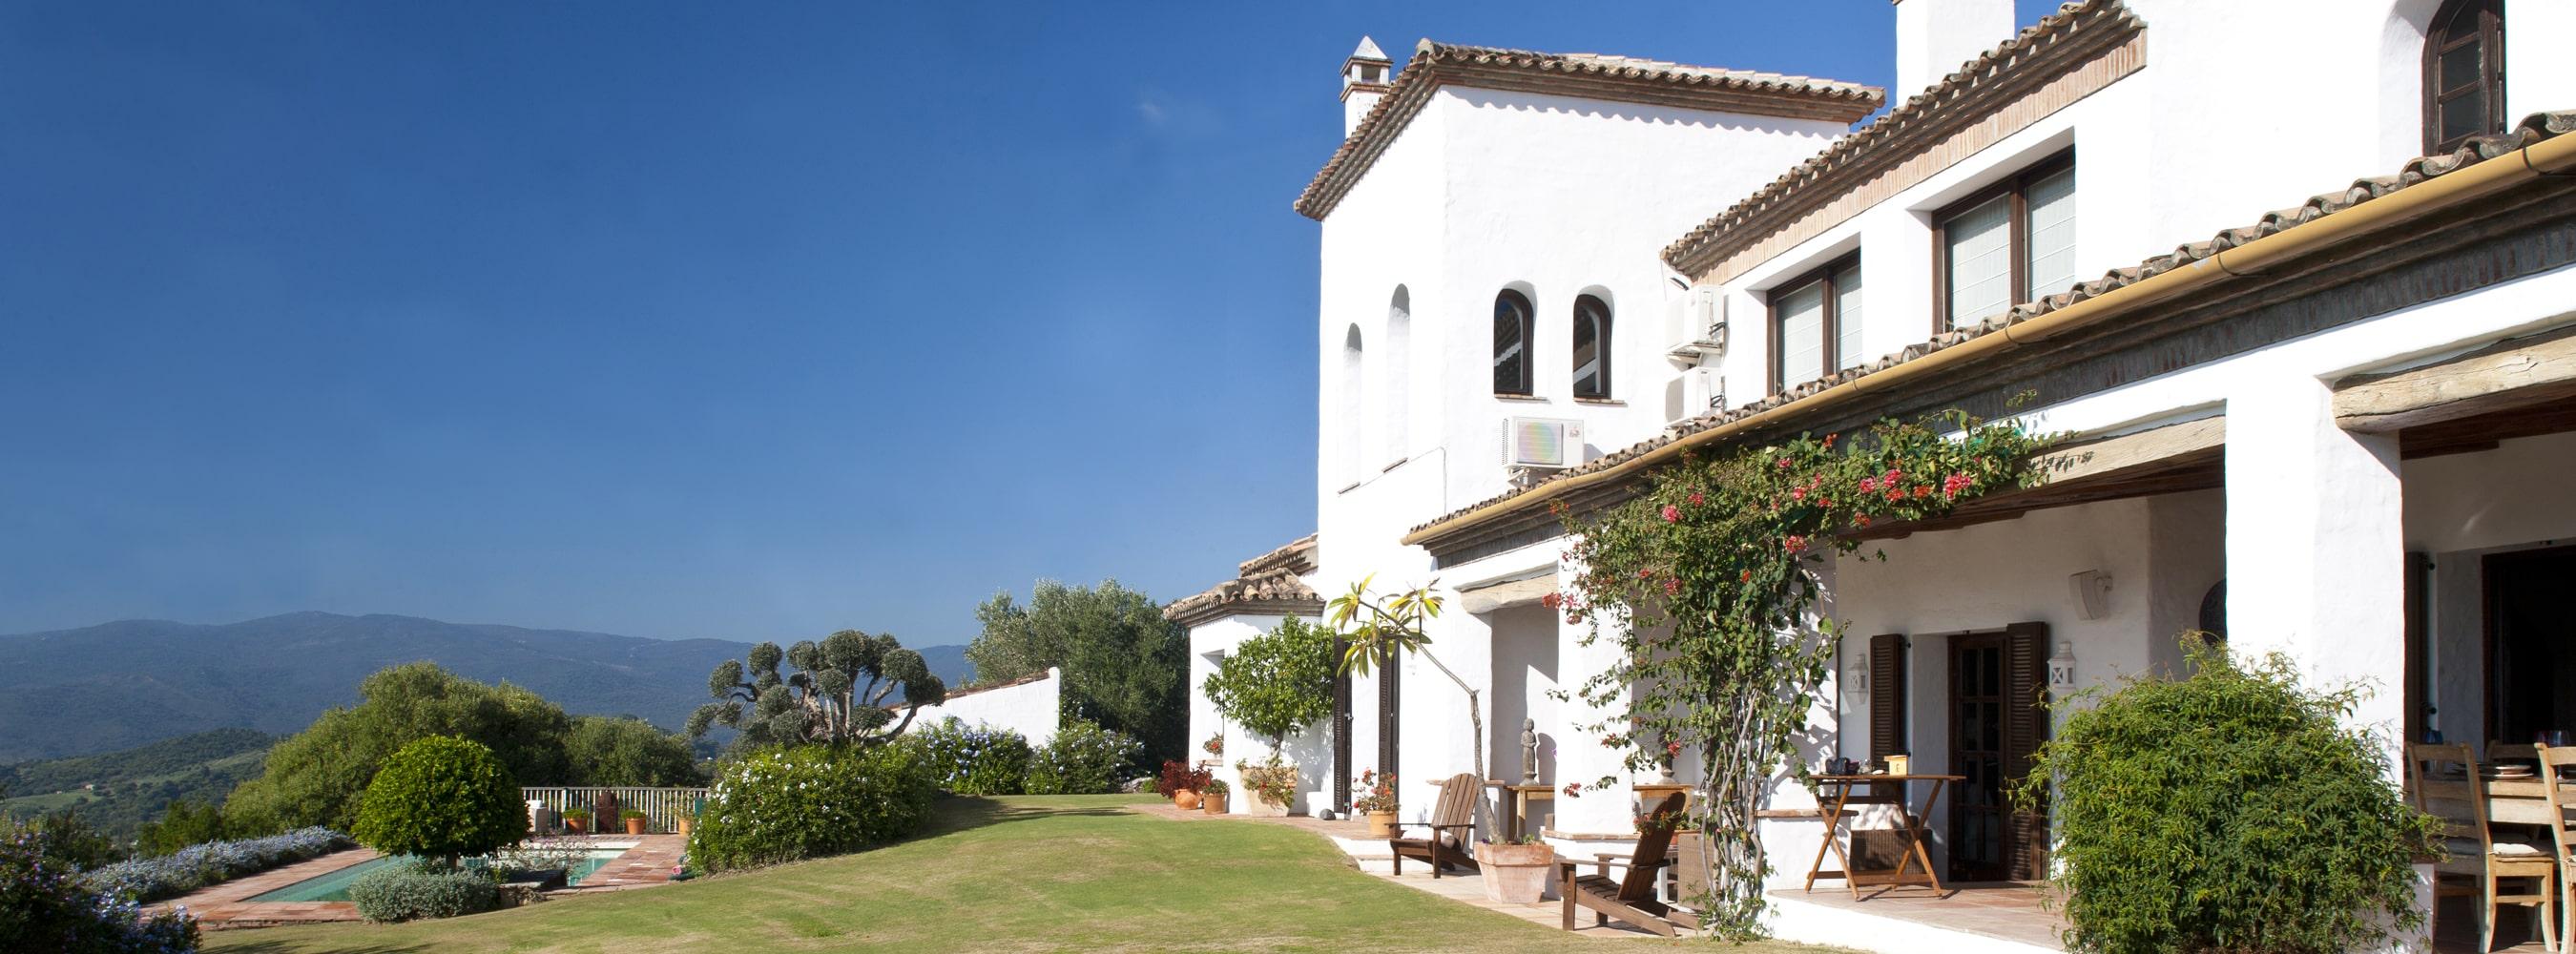 facade of villa in spain